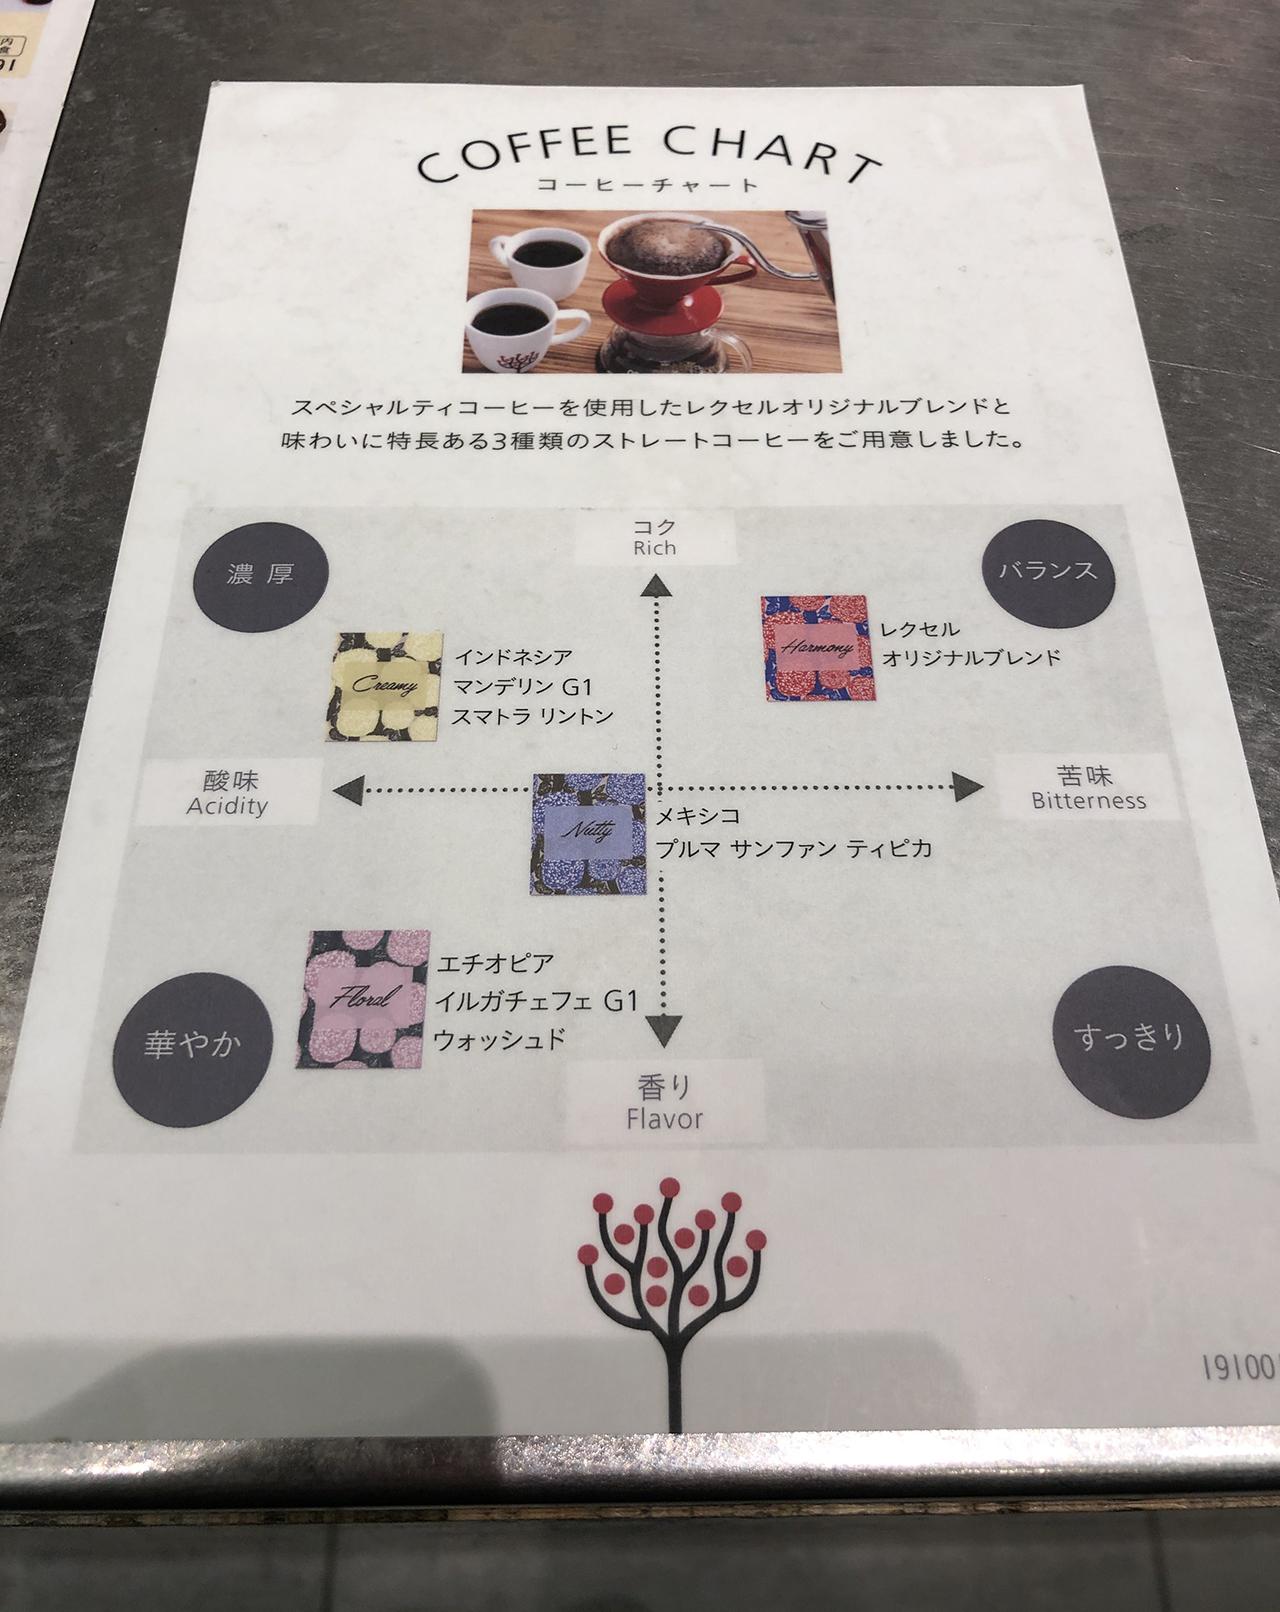 CAFE LEXCEL(カフェ レクセル) 東京国際フォーラム店の投稿写真6